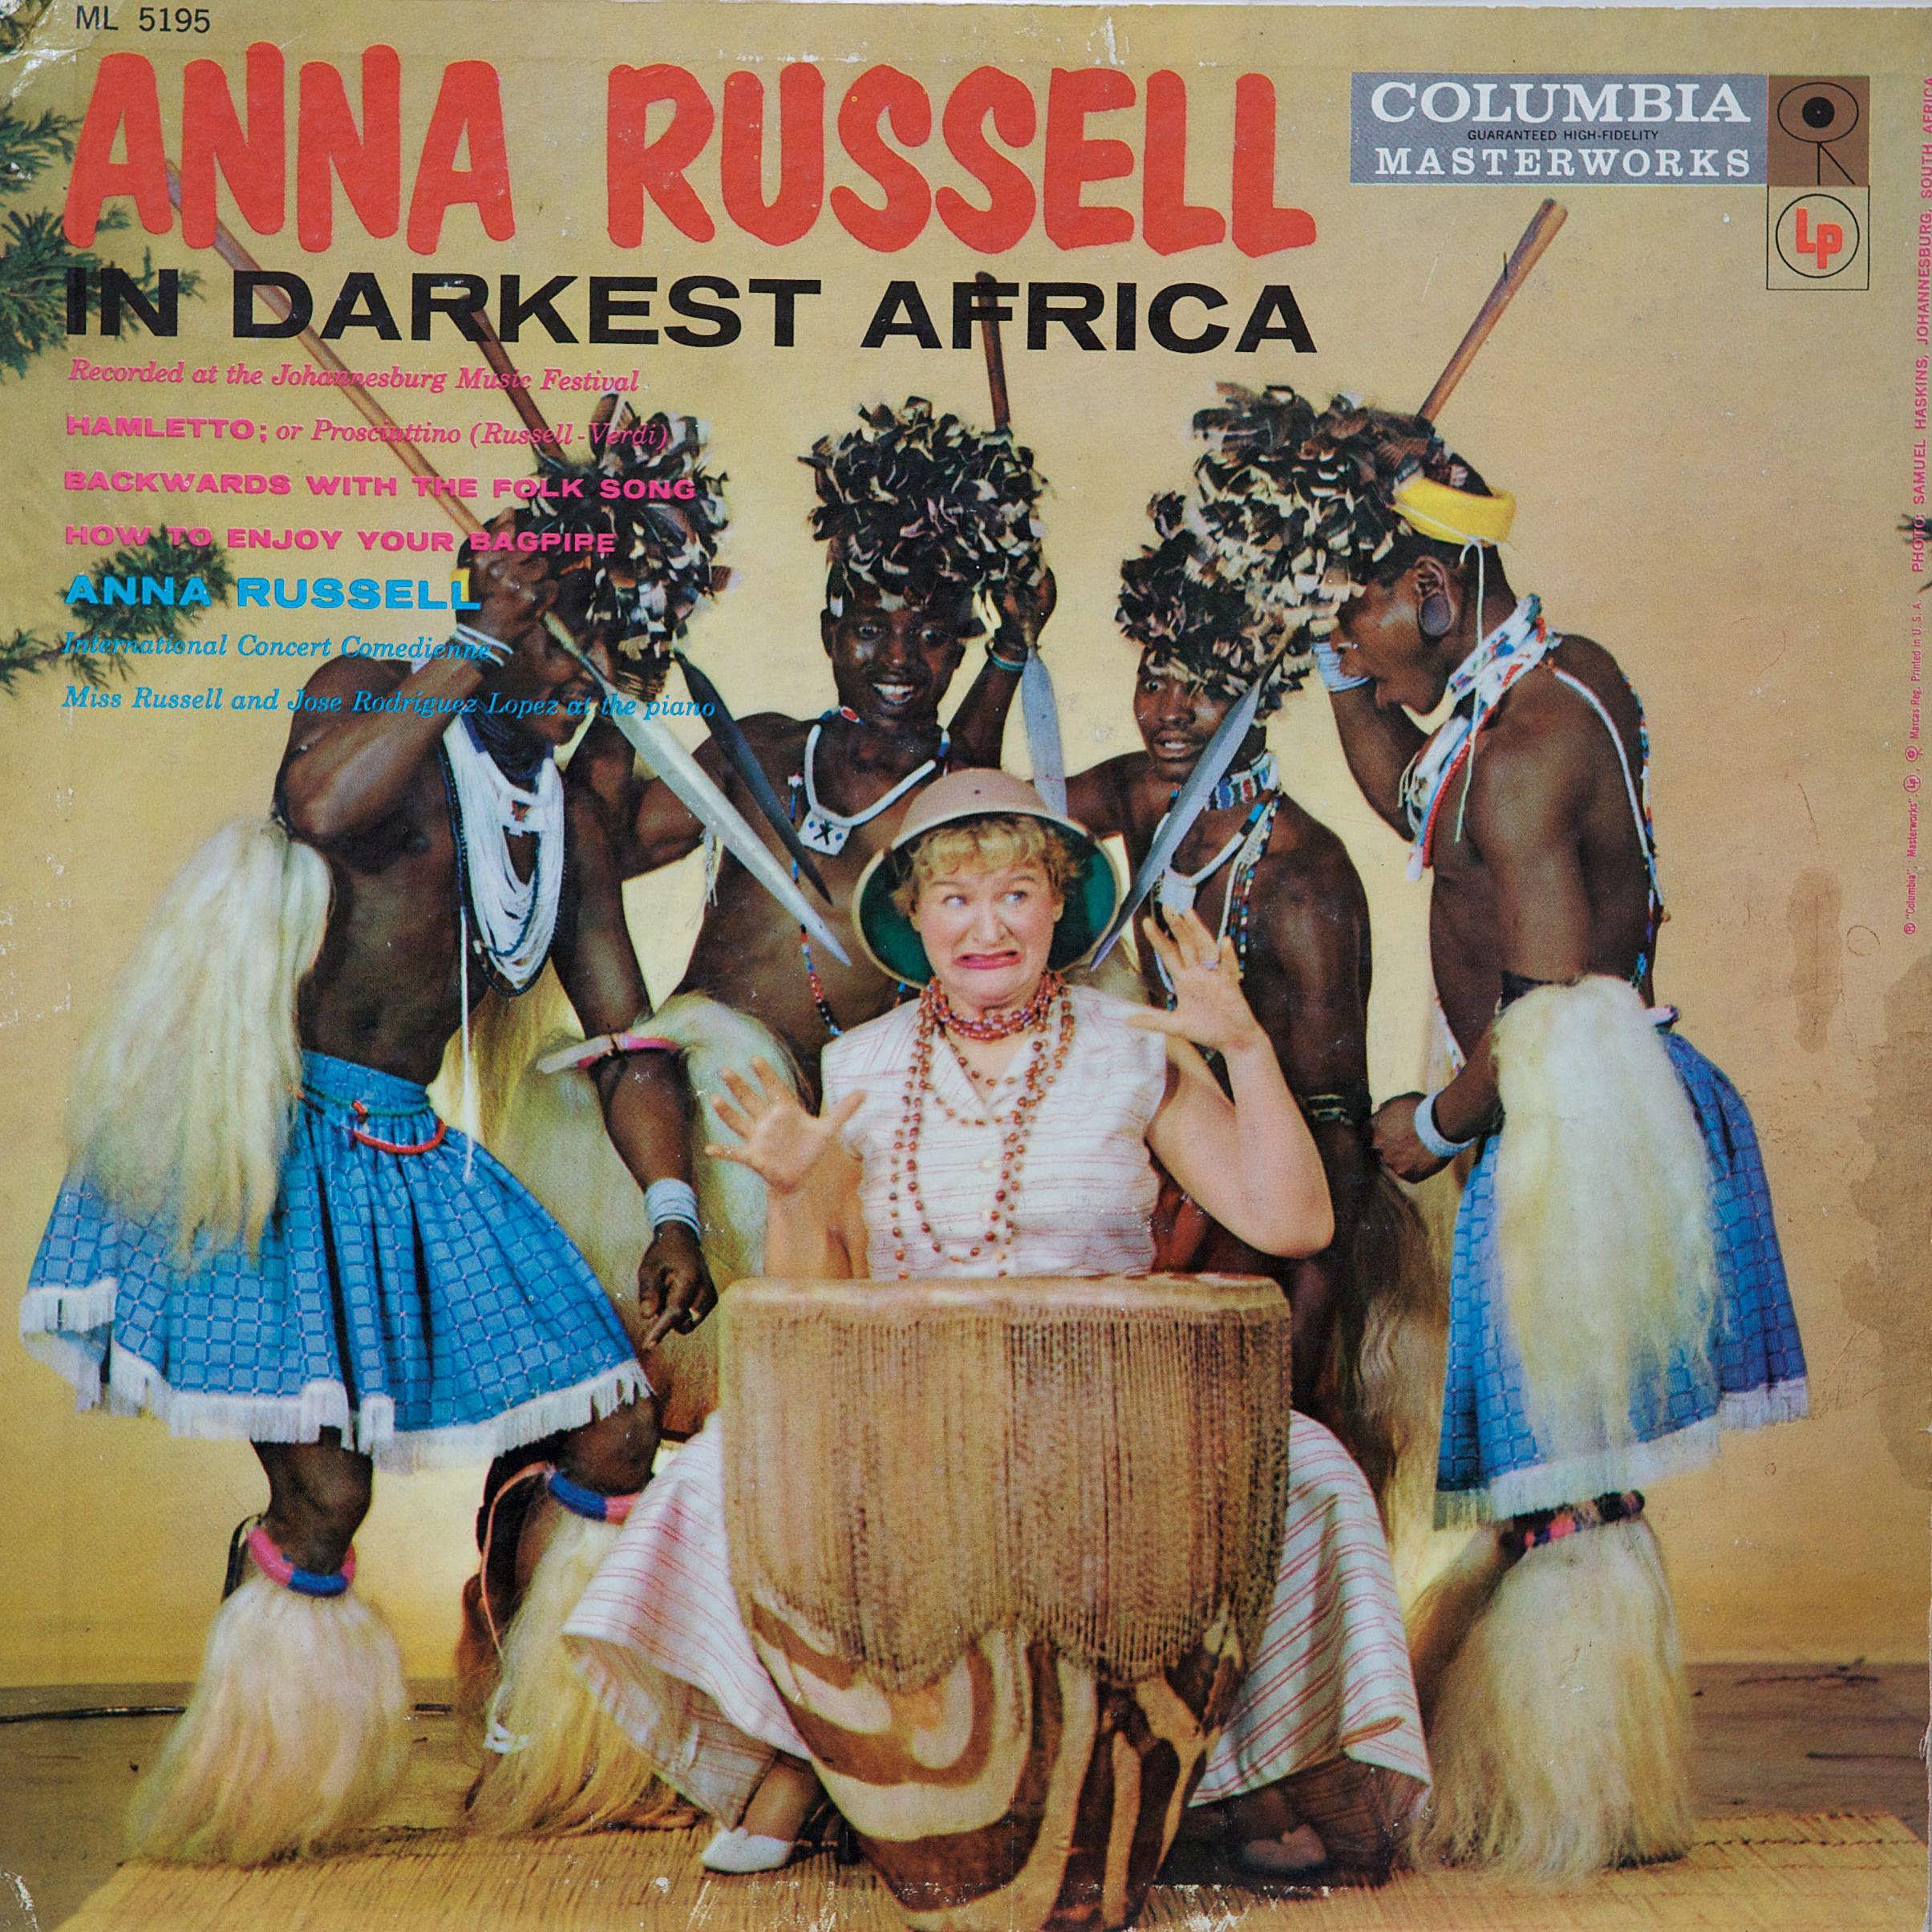 Album artwork for 'In Darkest Africa' by Anna Russel